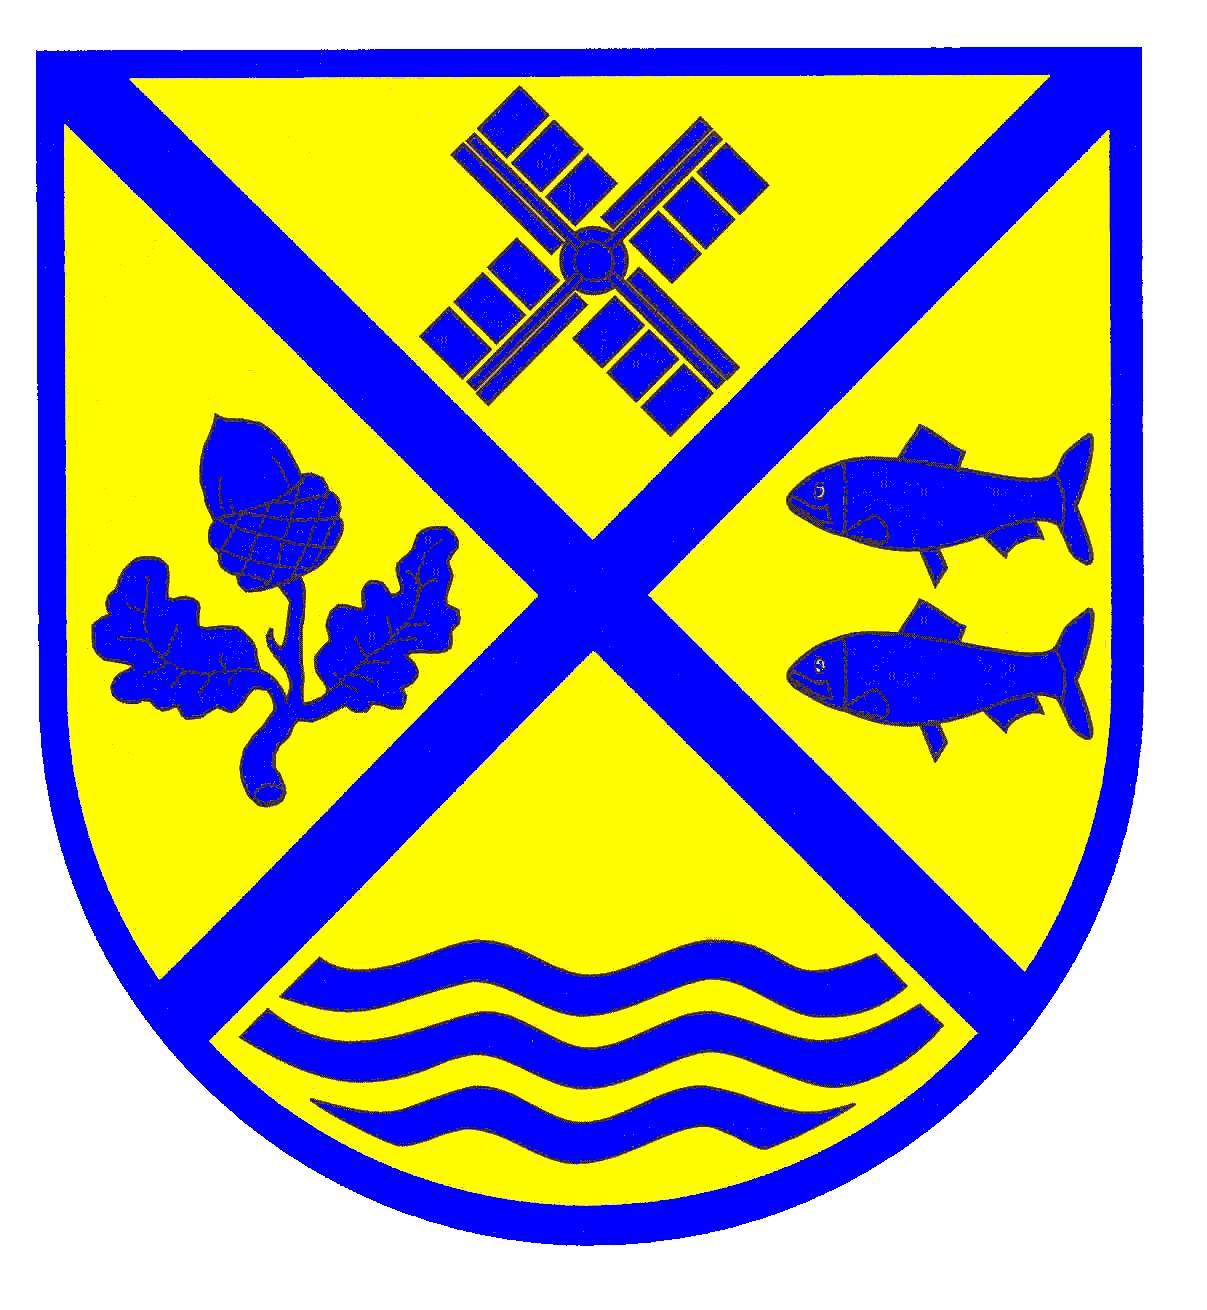 Wappen GemeindeBoren, Kreis Schleswig-Flensburg